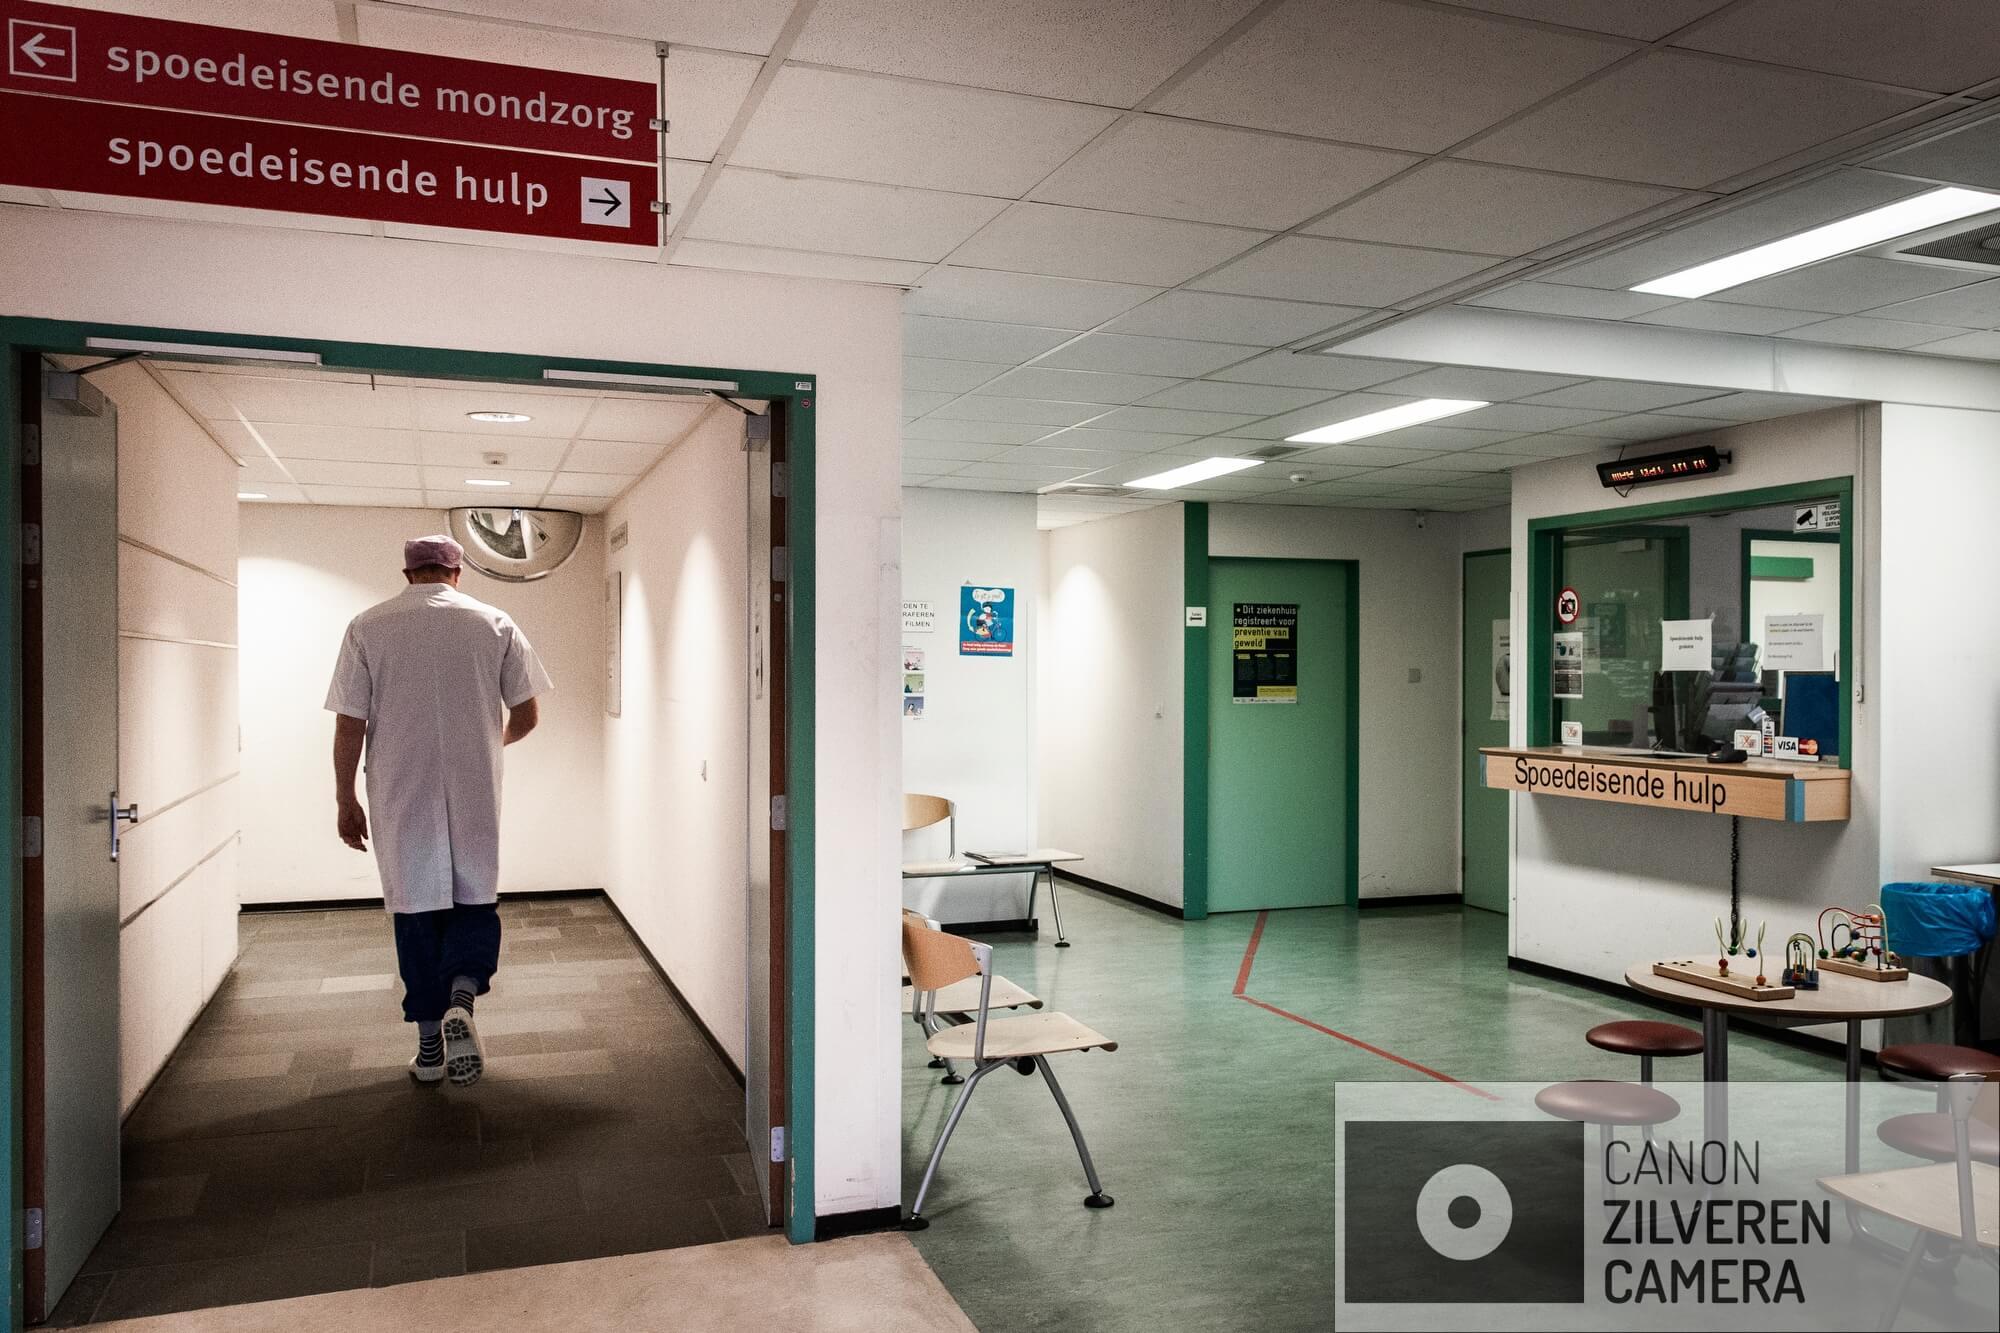 Amsterdam, 24 oktober 2018 - MC SLOTERVAART. MC Slotervaart in Amsterdam staat op het punt van een faillisement. De SEH is inmiddels gesloten, patienten worden doorverwezen naar OLVG West. Foto DIngena Mol